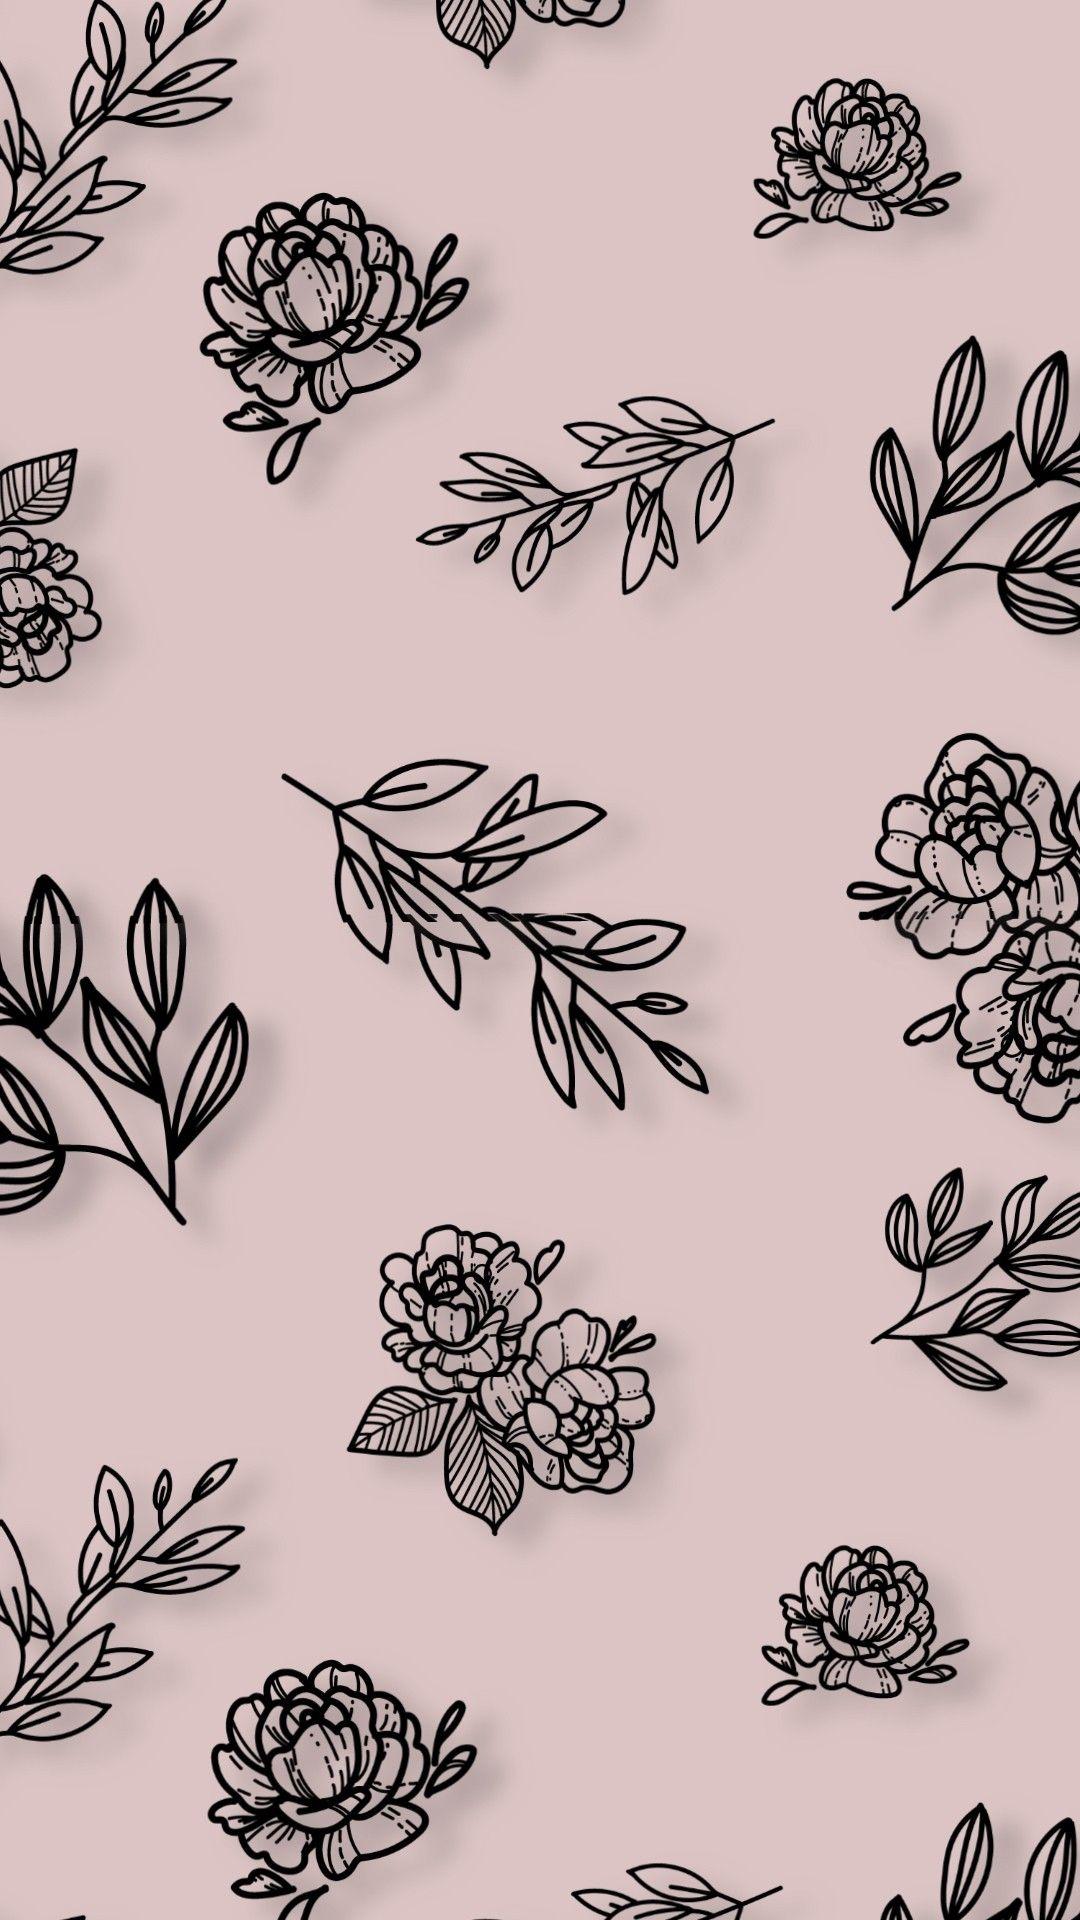 Iphone Wallpaper, free phone wallpaper